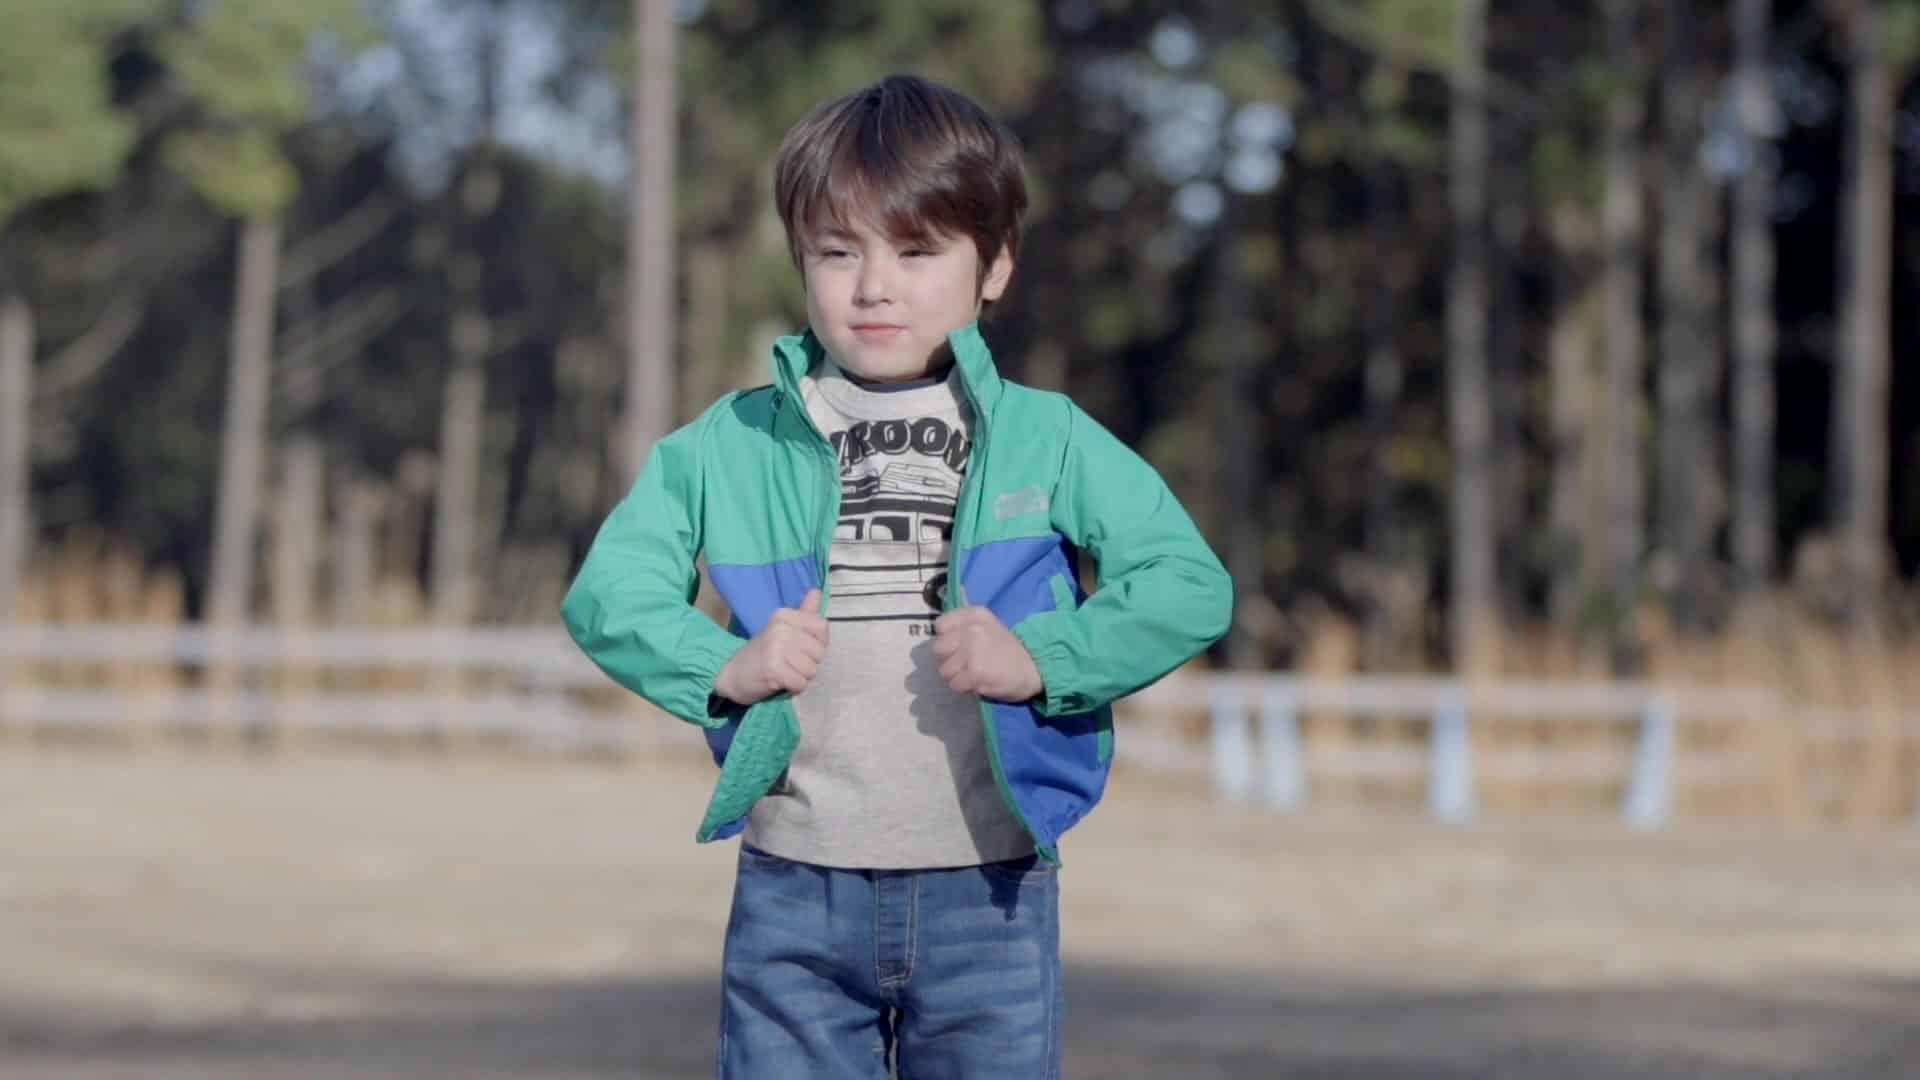 F・O・インターナショナル様のブランド「BREEZE」のPR映像を制作しました。